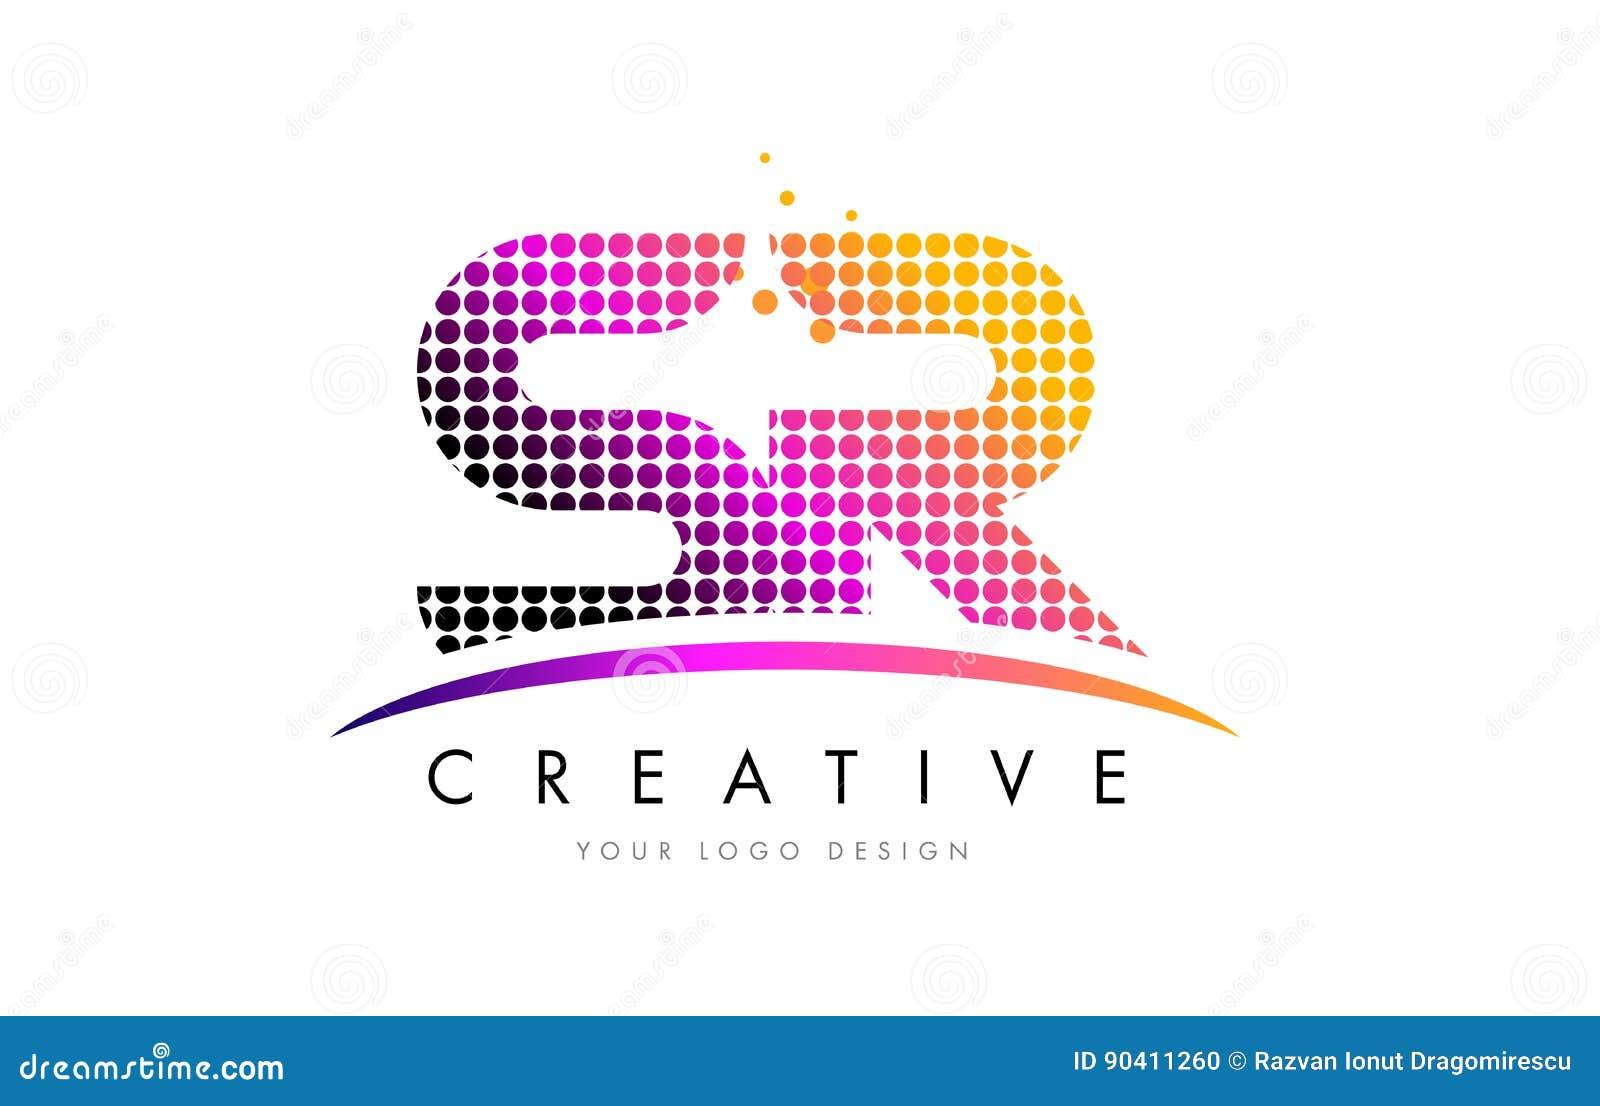 Lettre Logo Design du SR S R avec les points et le bruissement magenta